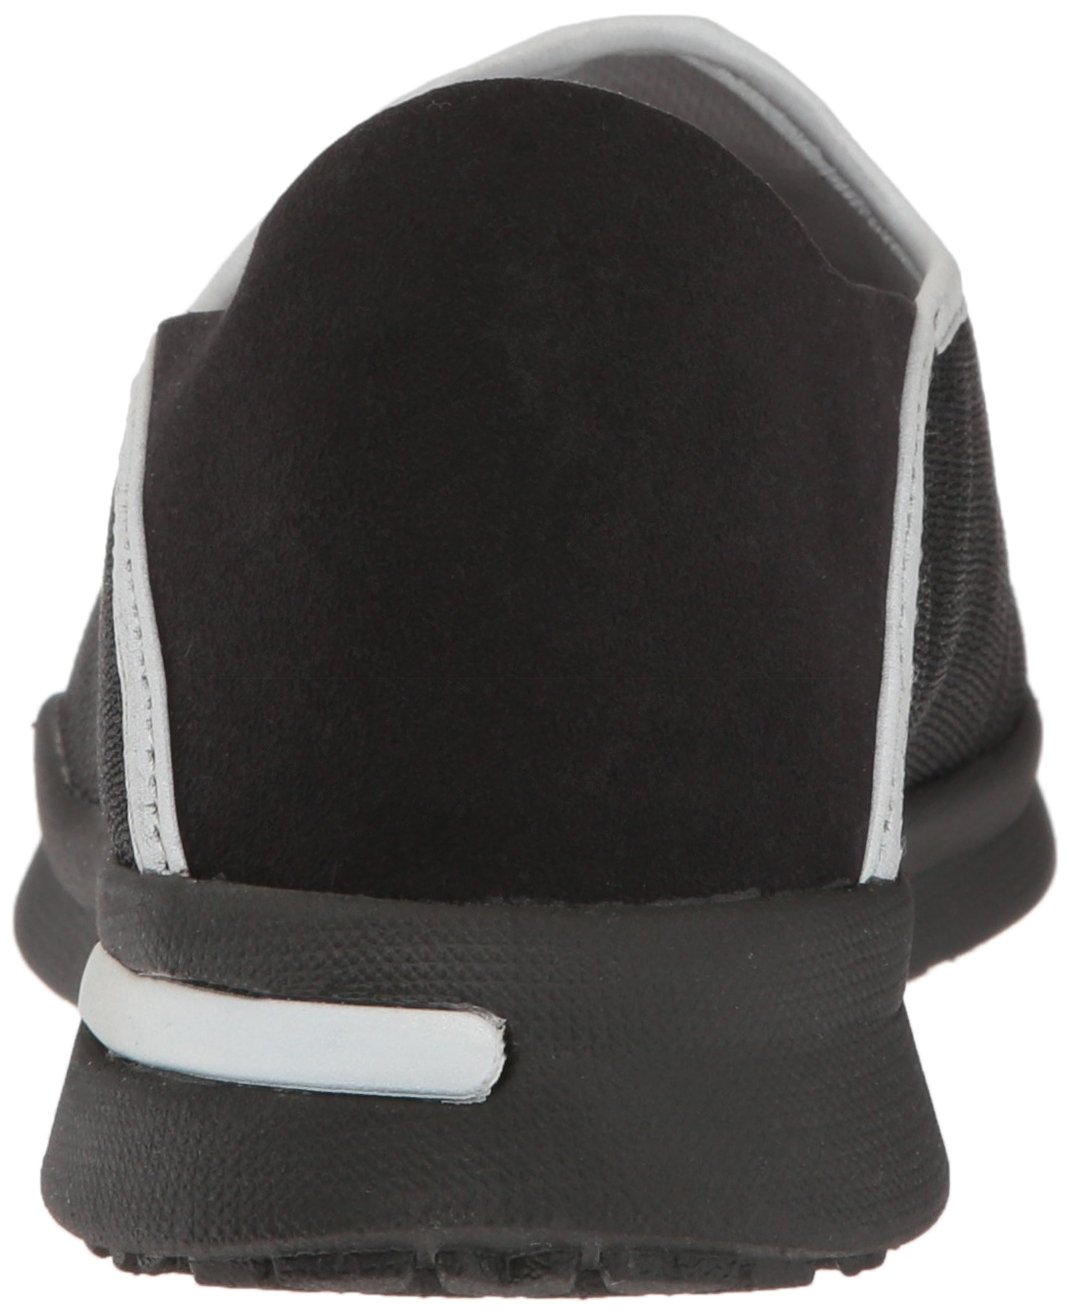 SoftWalk Women's Simba Flat B01HQVQT32 12 N US|Black